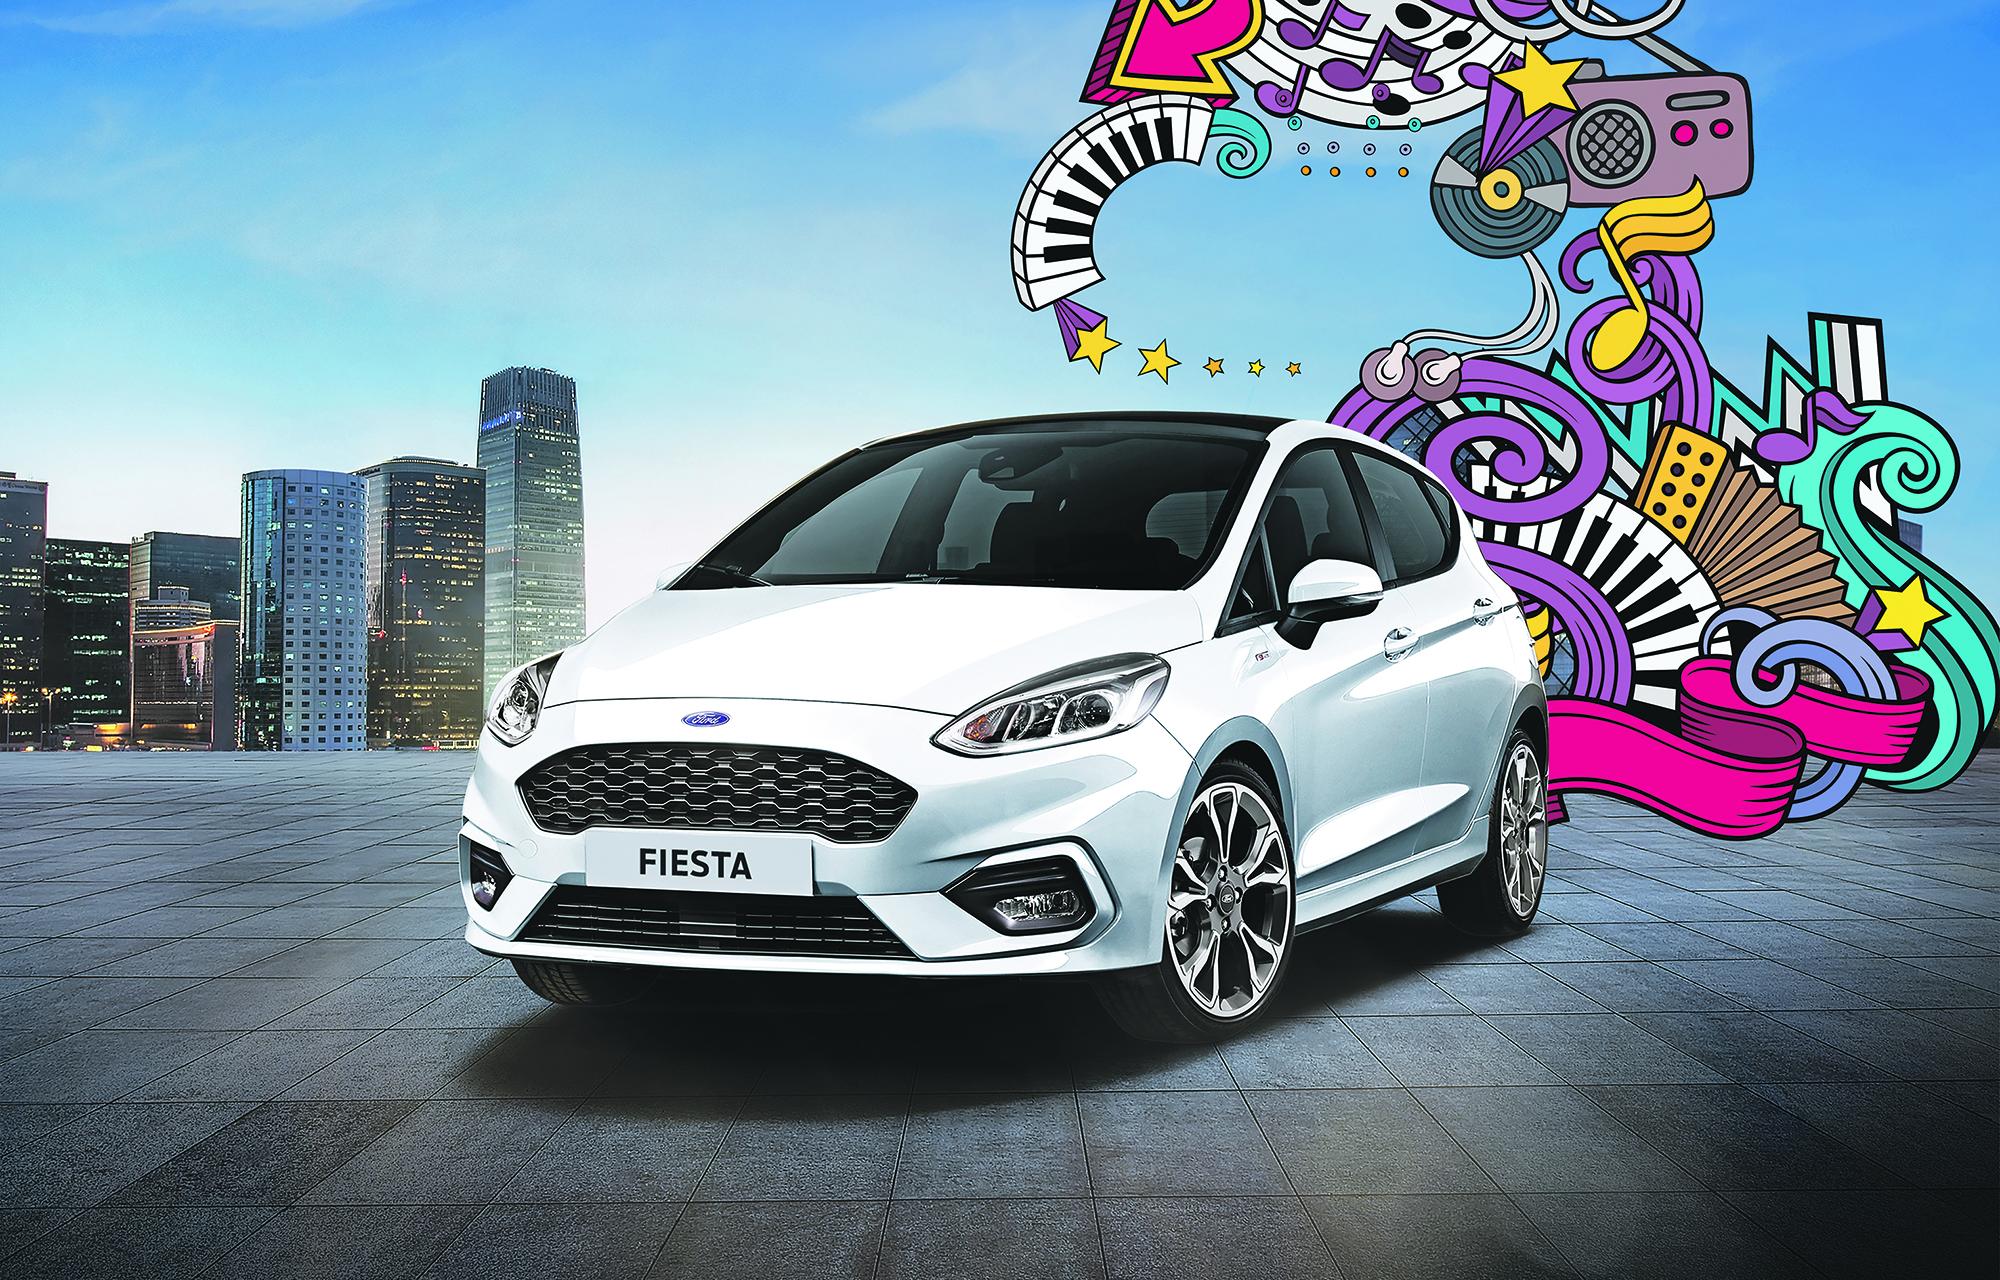 Ford Fiesta Days 17. - 19. August 2017